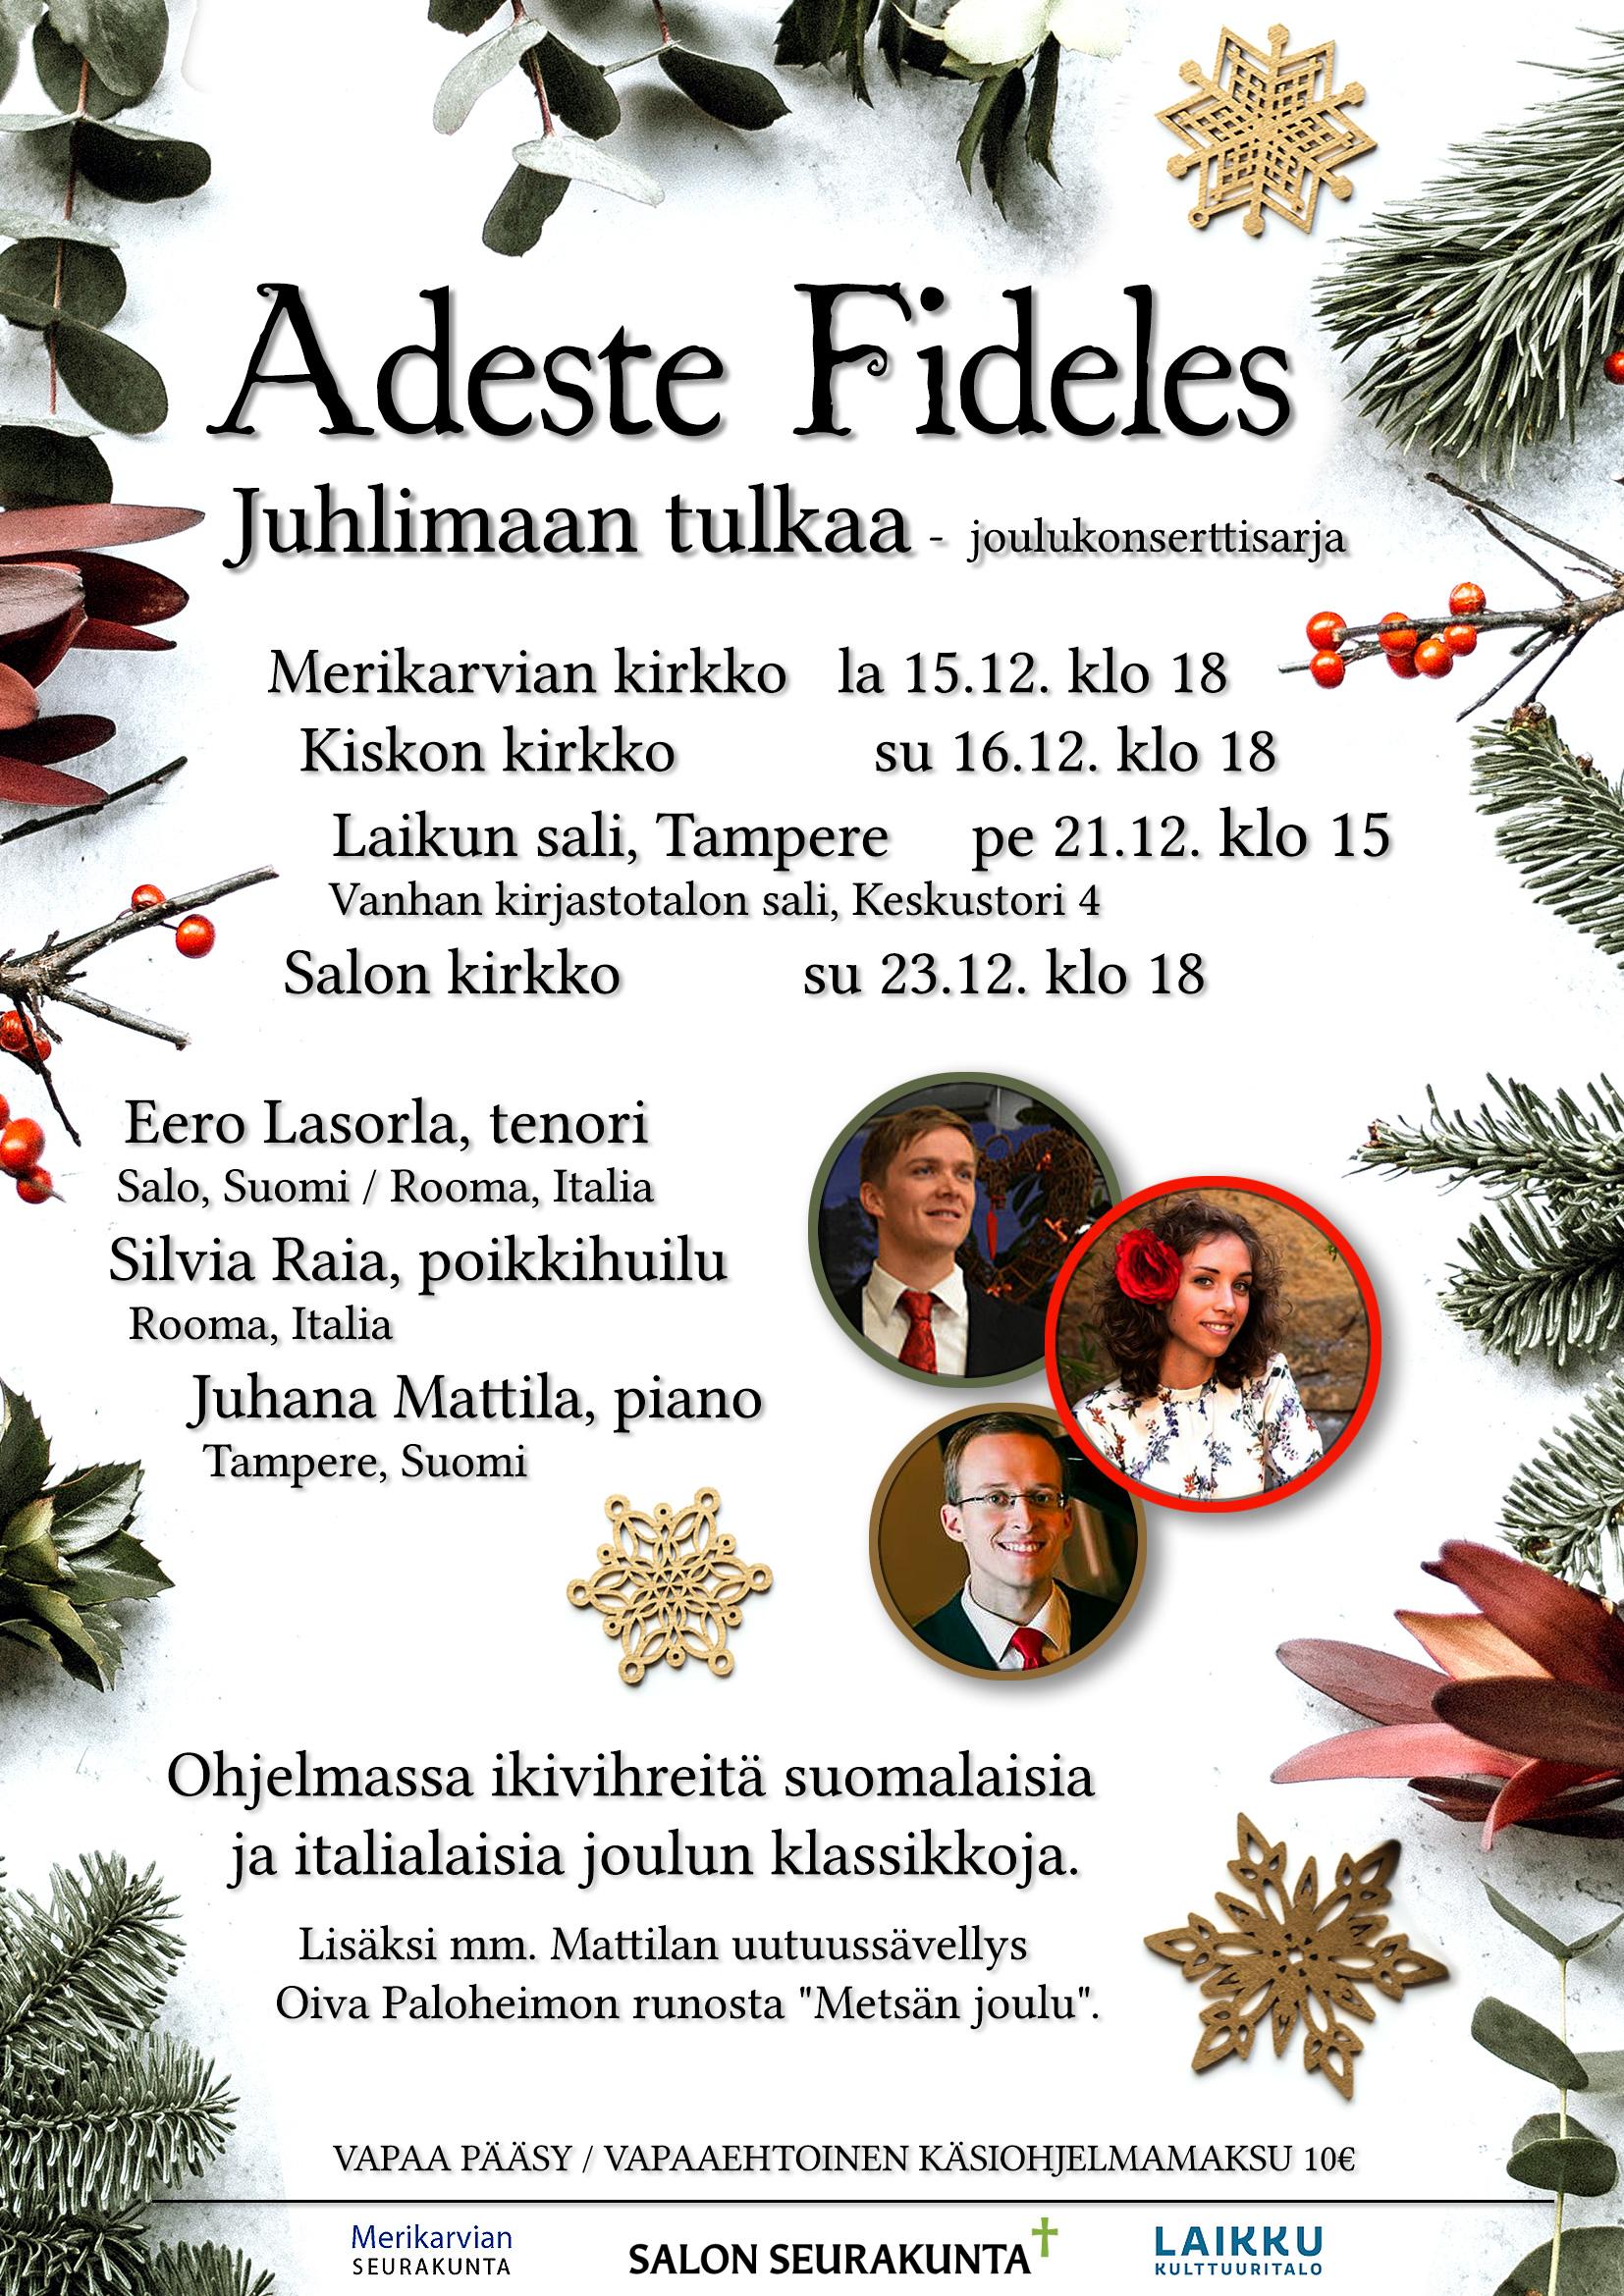 Adeste Fideles - Juhlimaan tulkaa